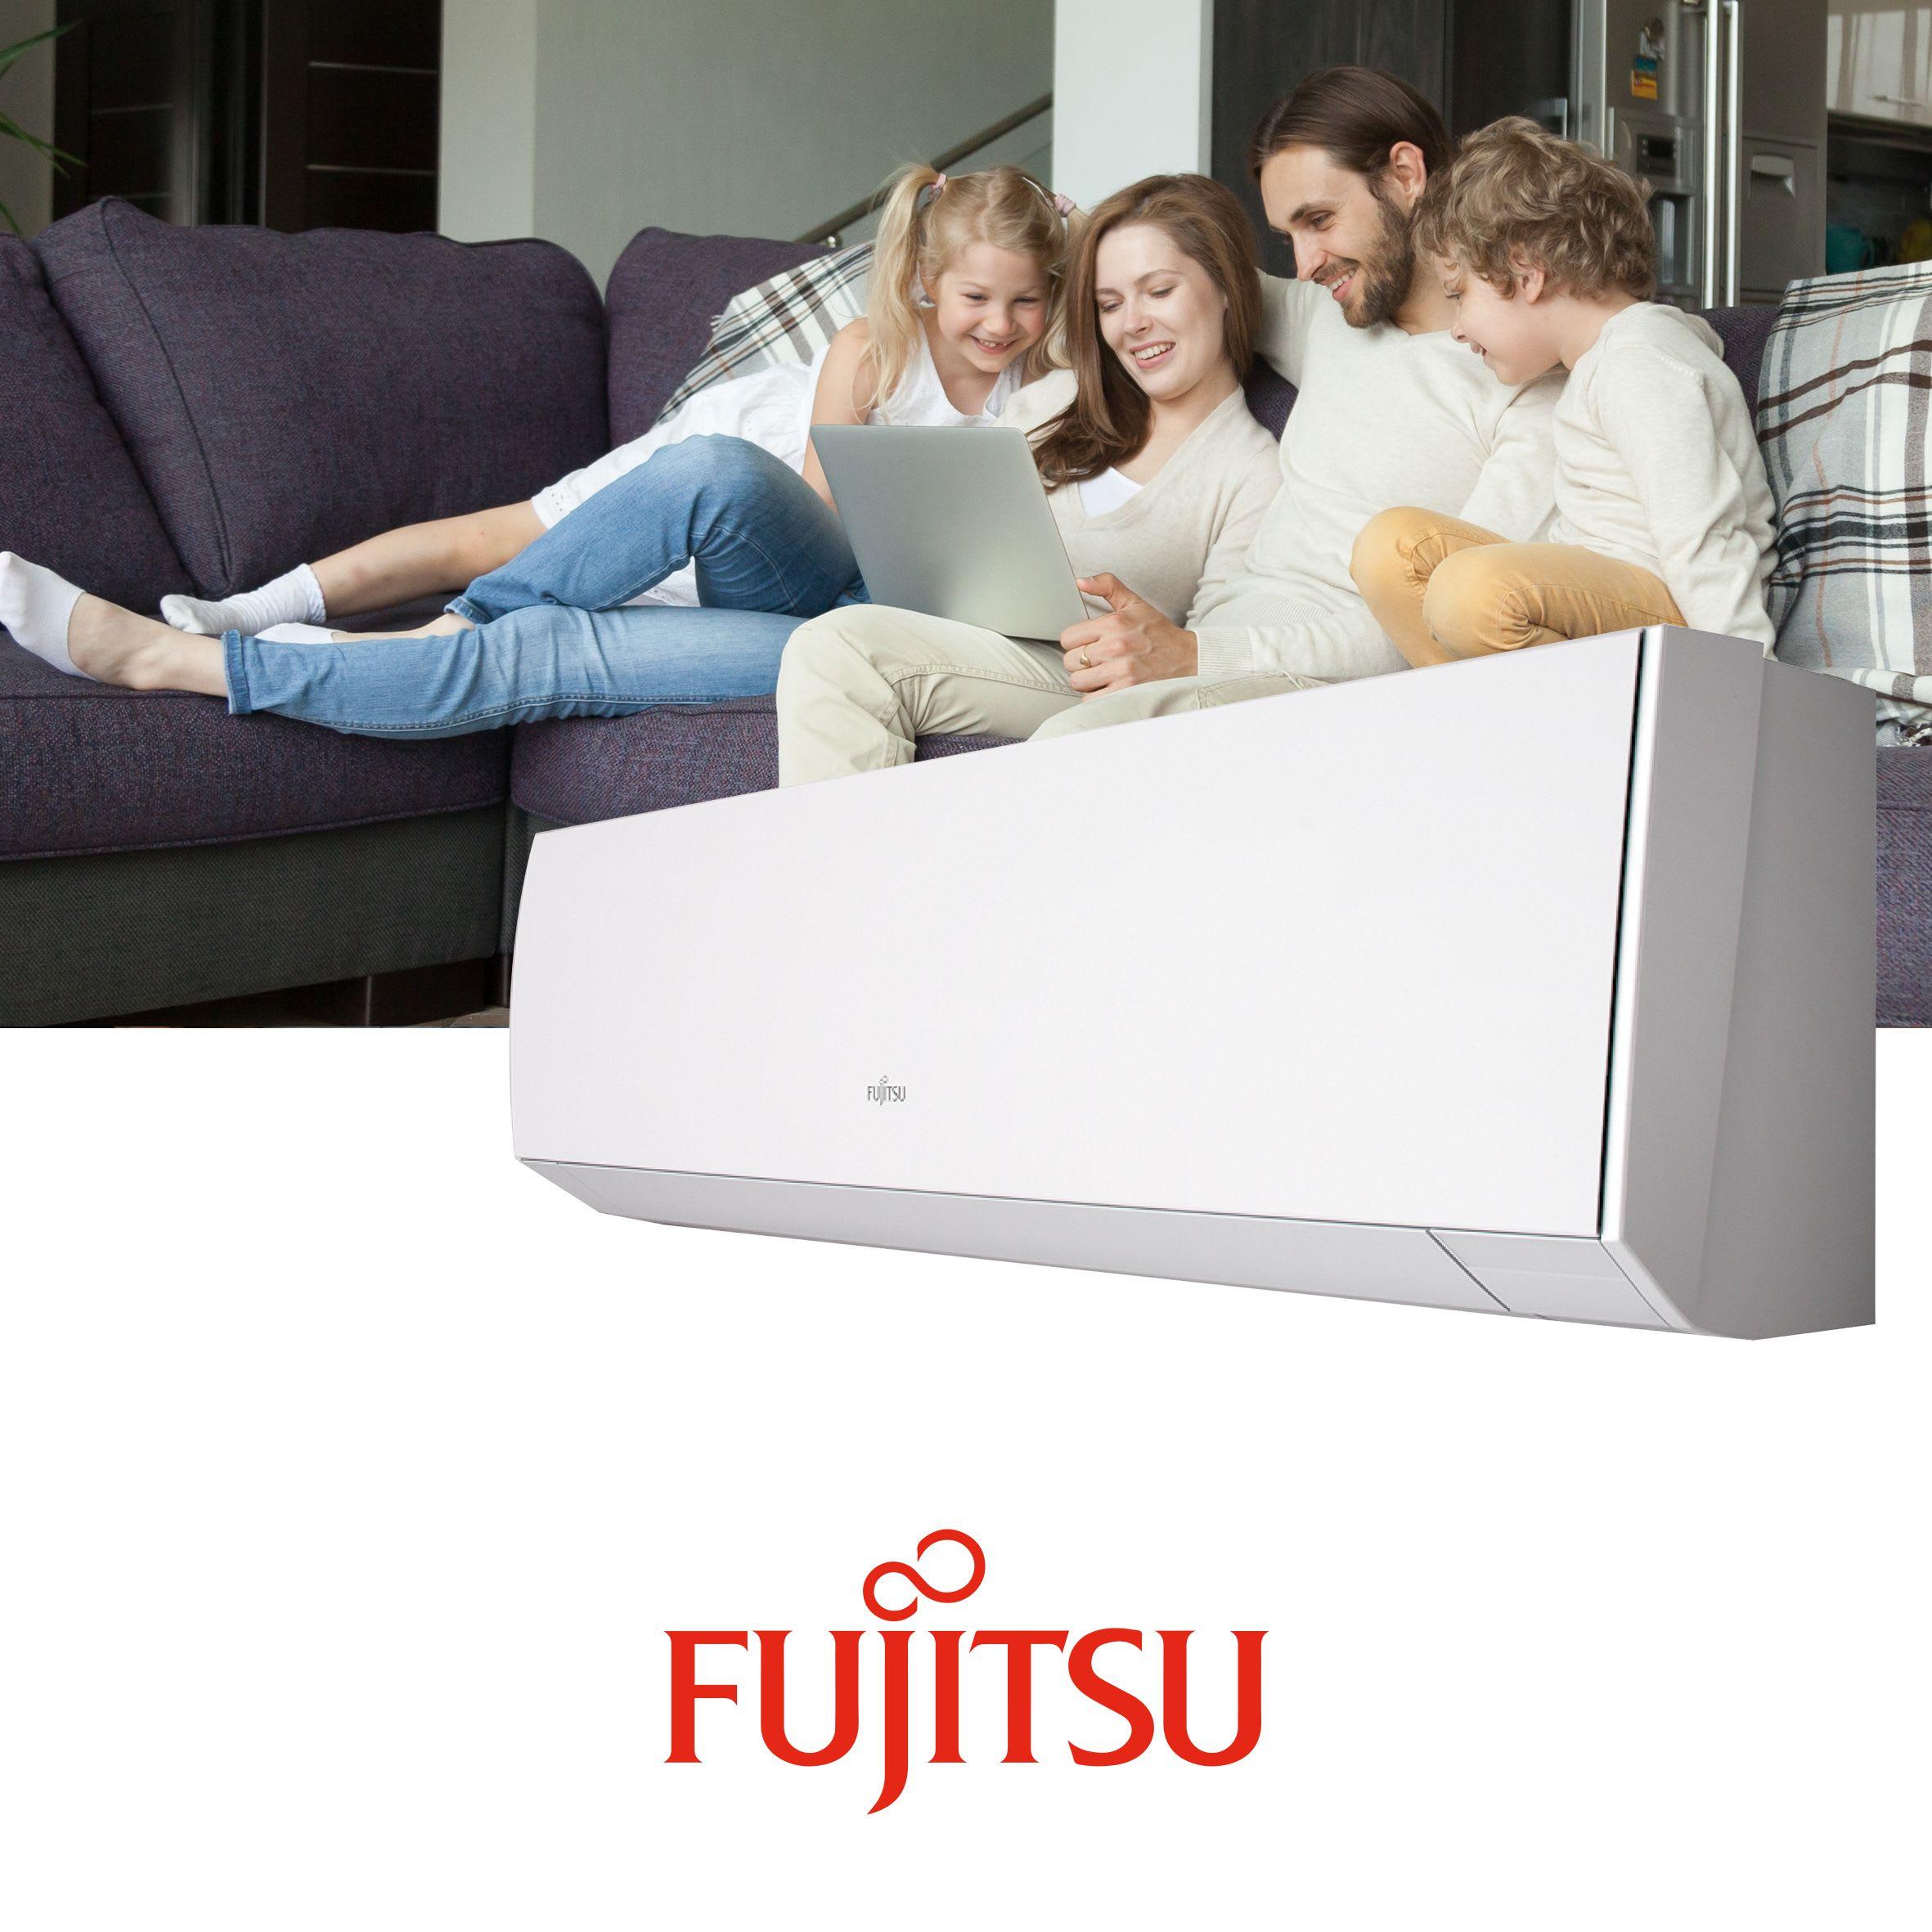 Familie på fire med mor, far, datter og sønn sitter i en sofa og ser på en PC, i en stue med Fujitsu varmepumpe.